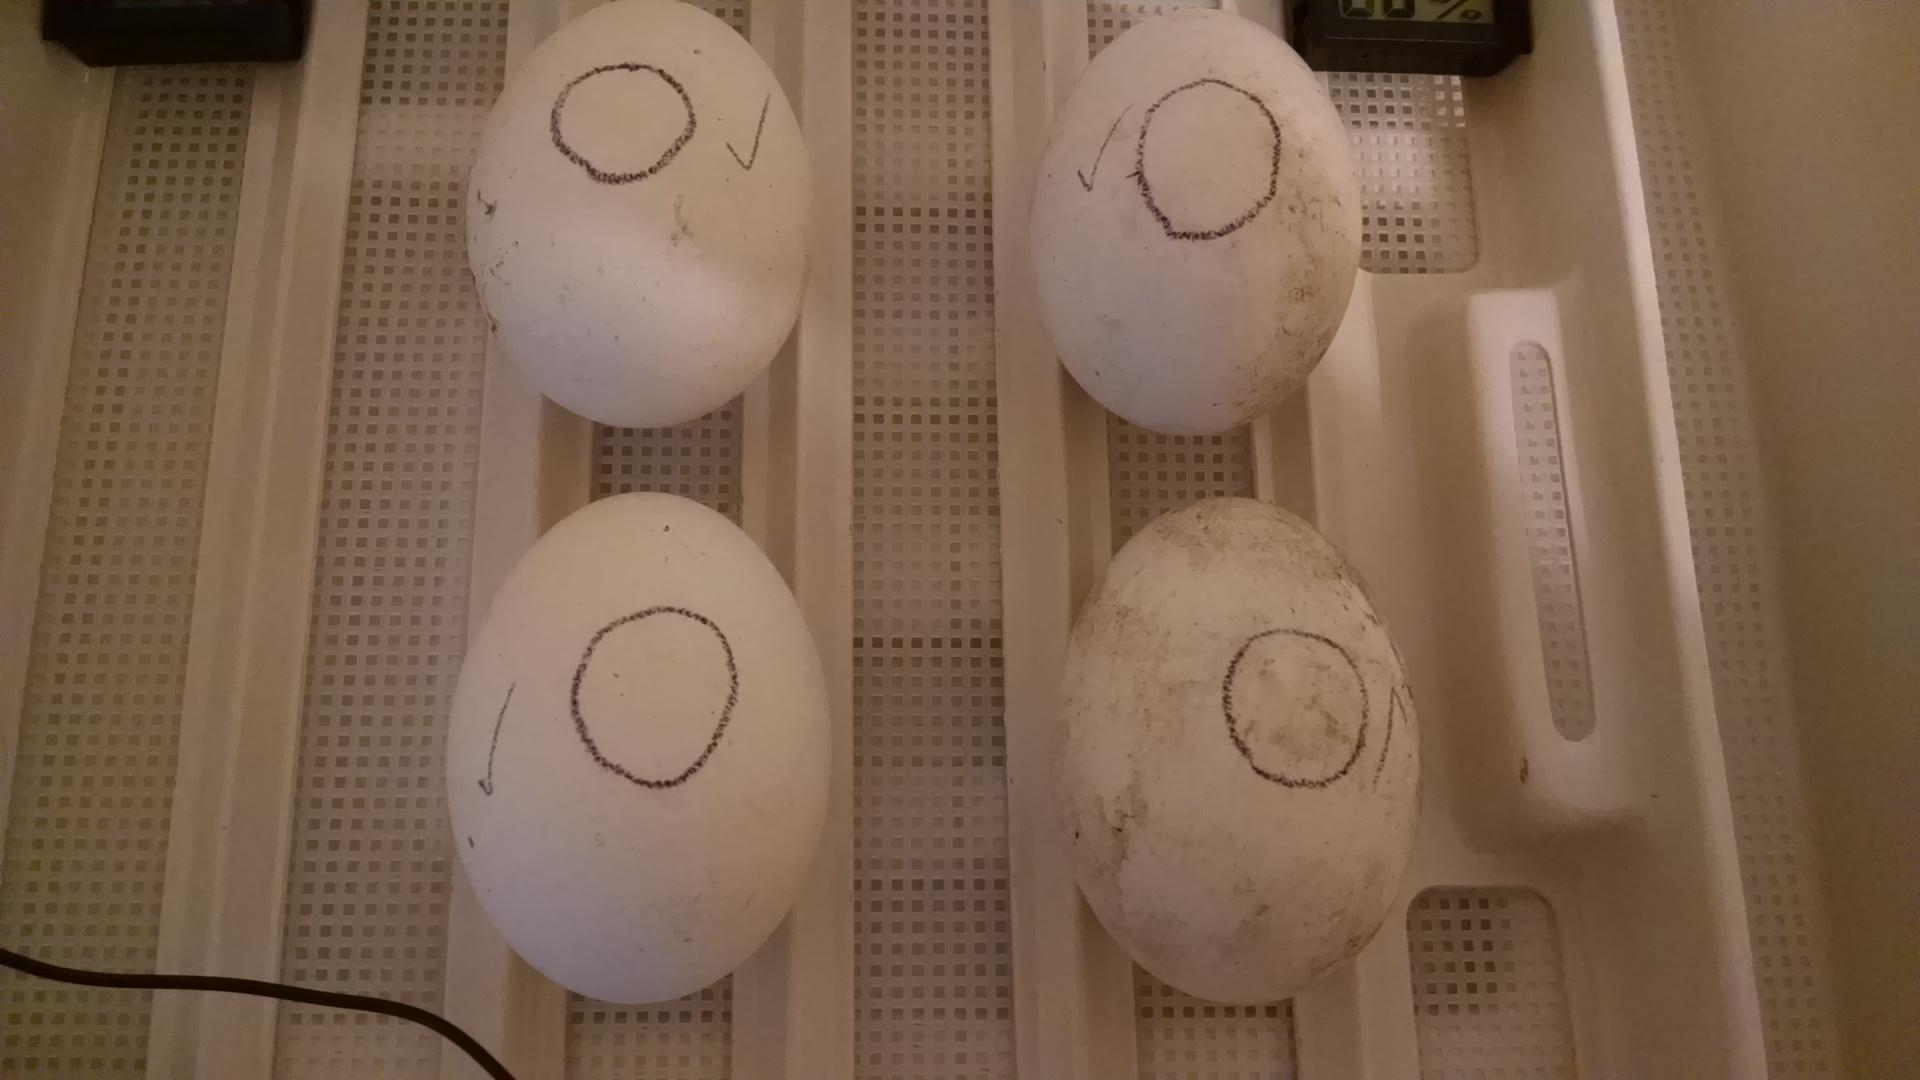 5-27-19 The 4 fertile eggs.jpg